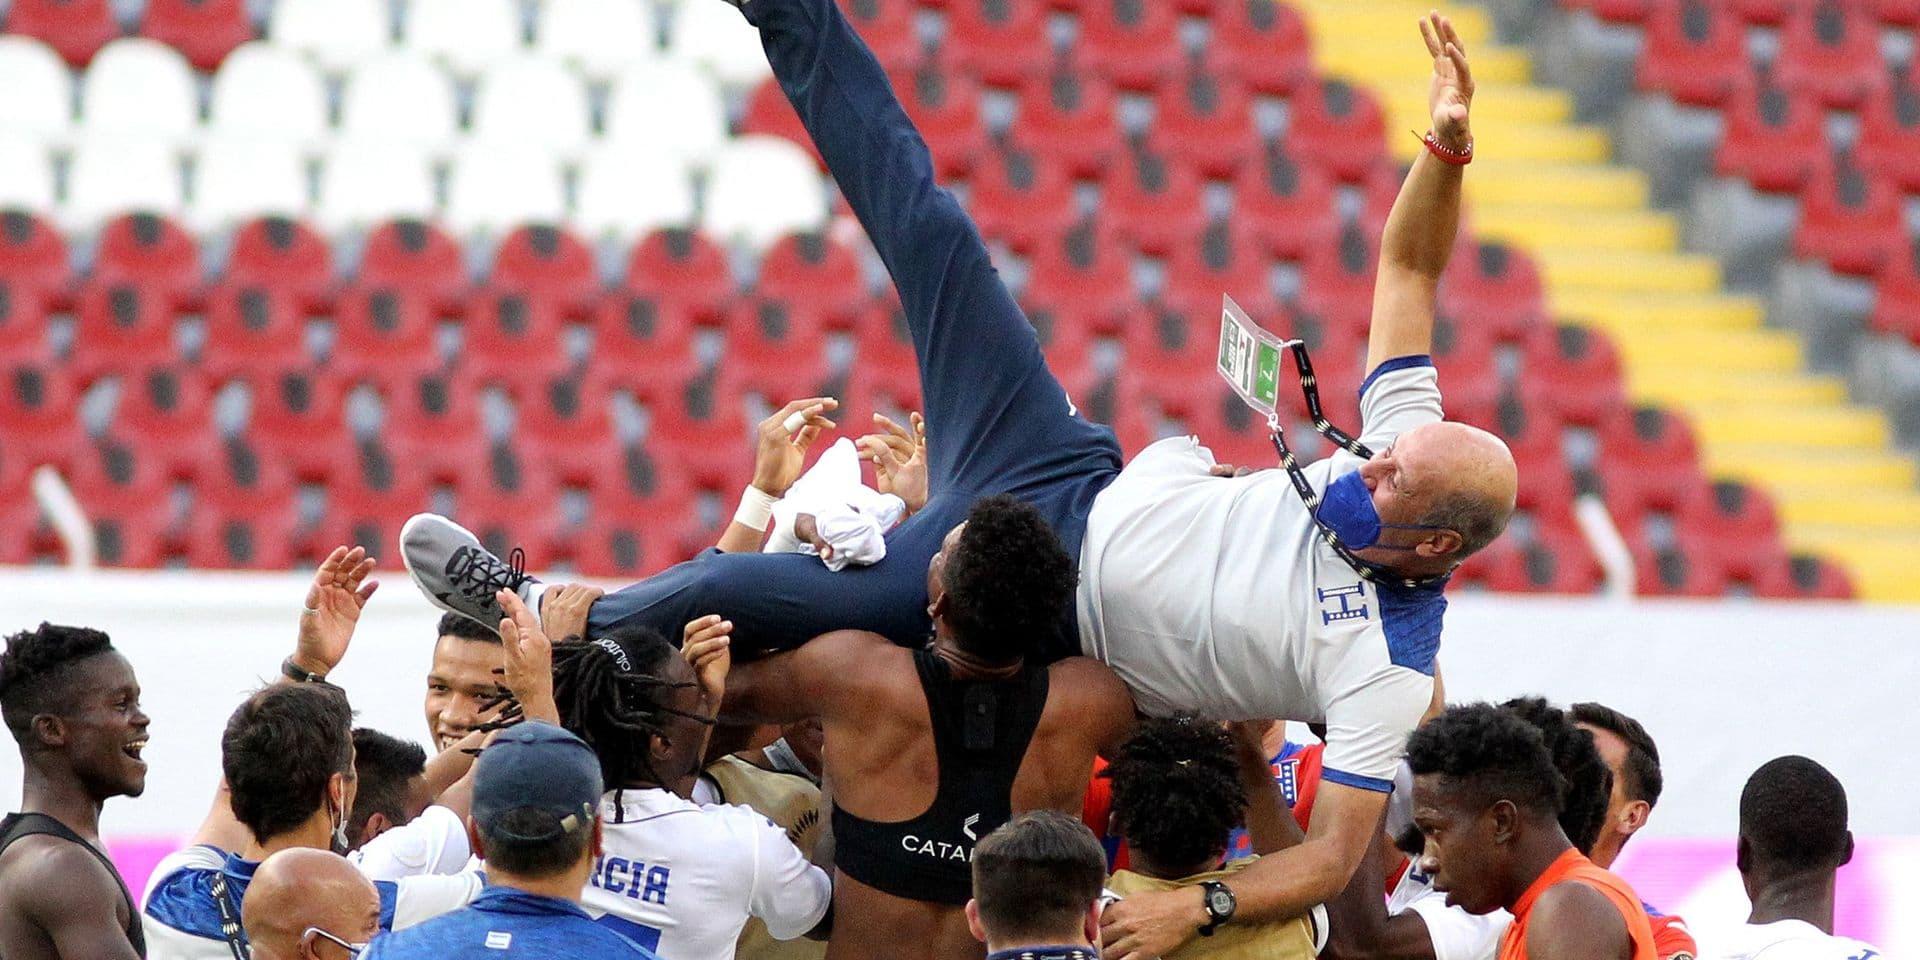 Foot: l'équipe masculine des USA, éliminée par le Honduras, n'ira pas aux JO de Tokyo